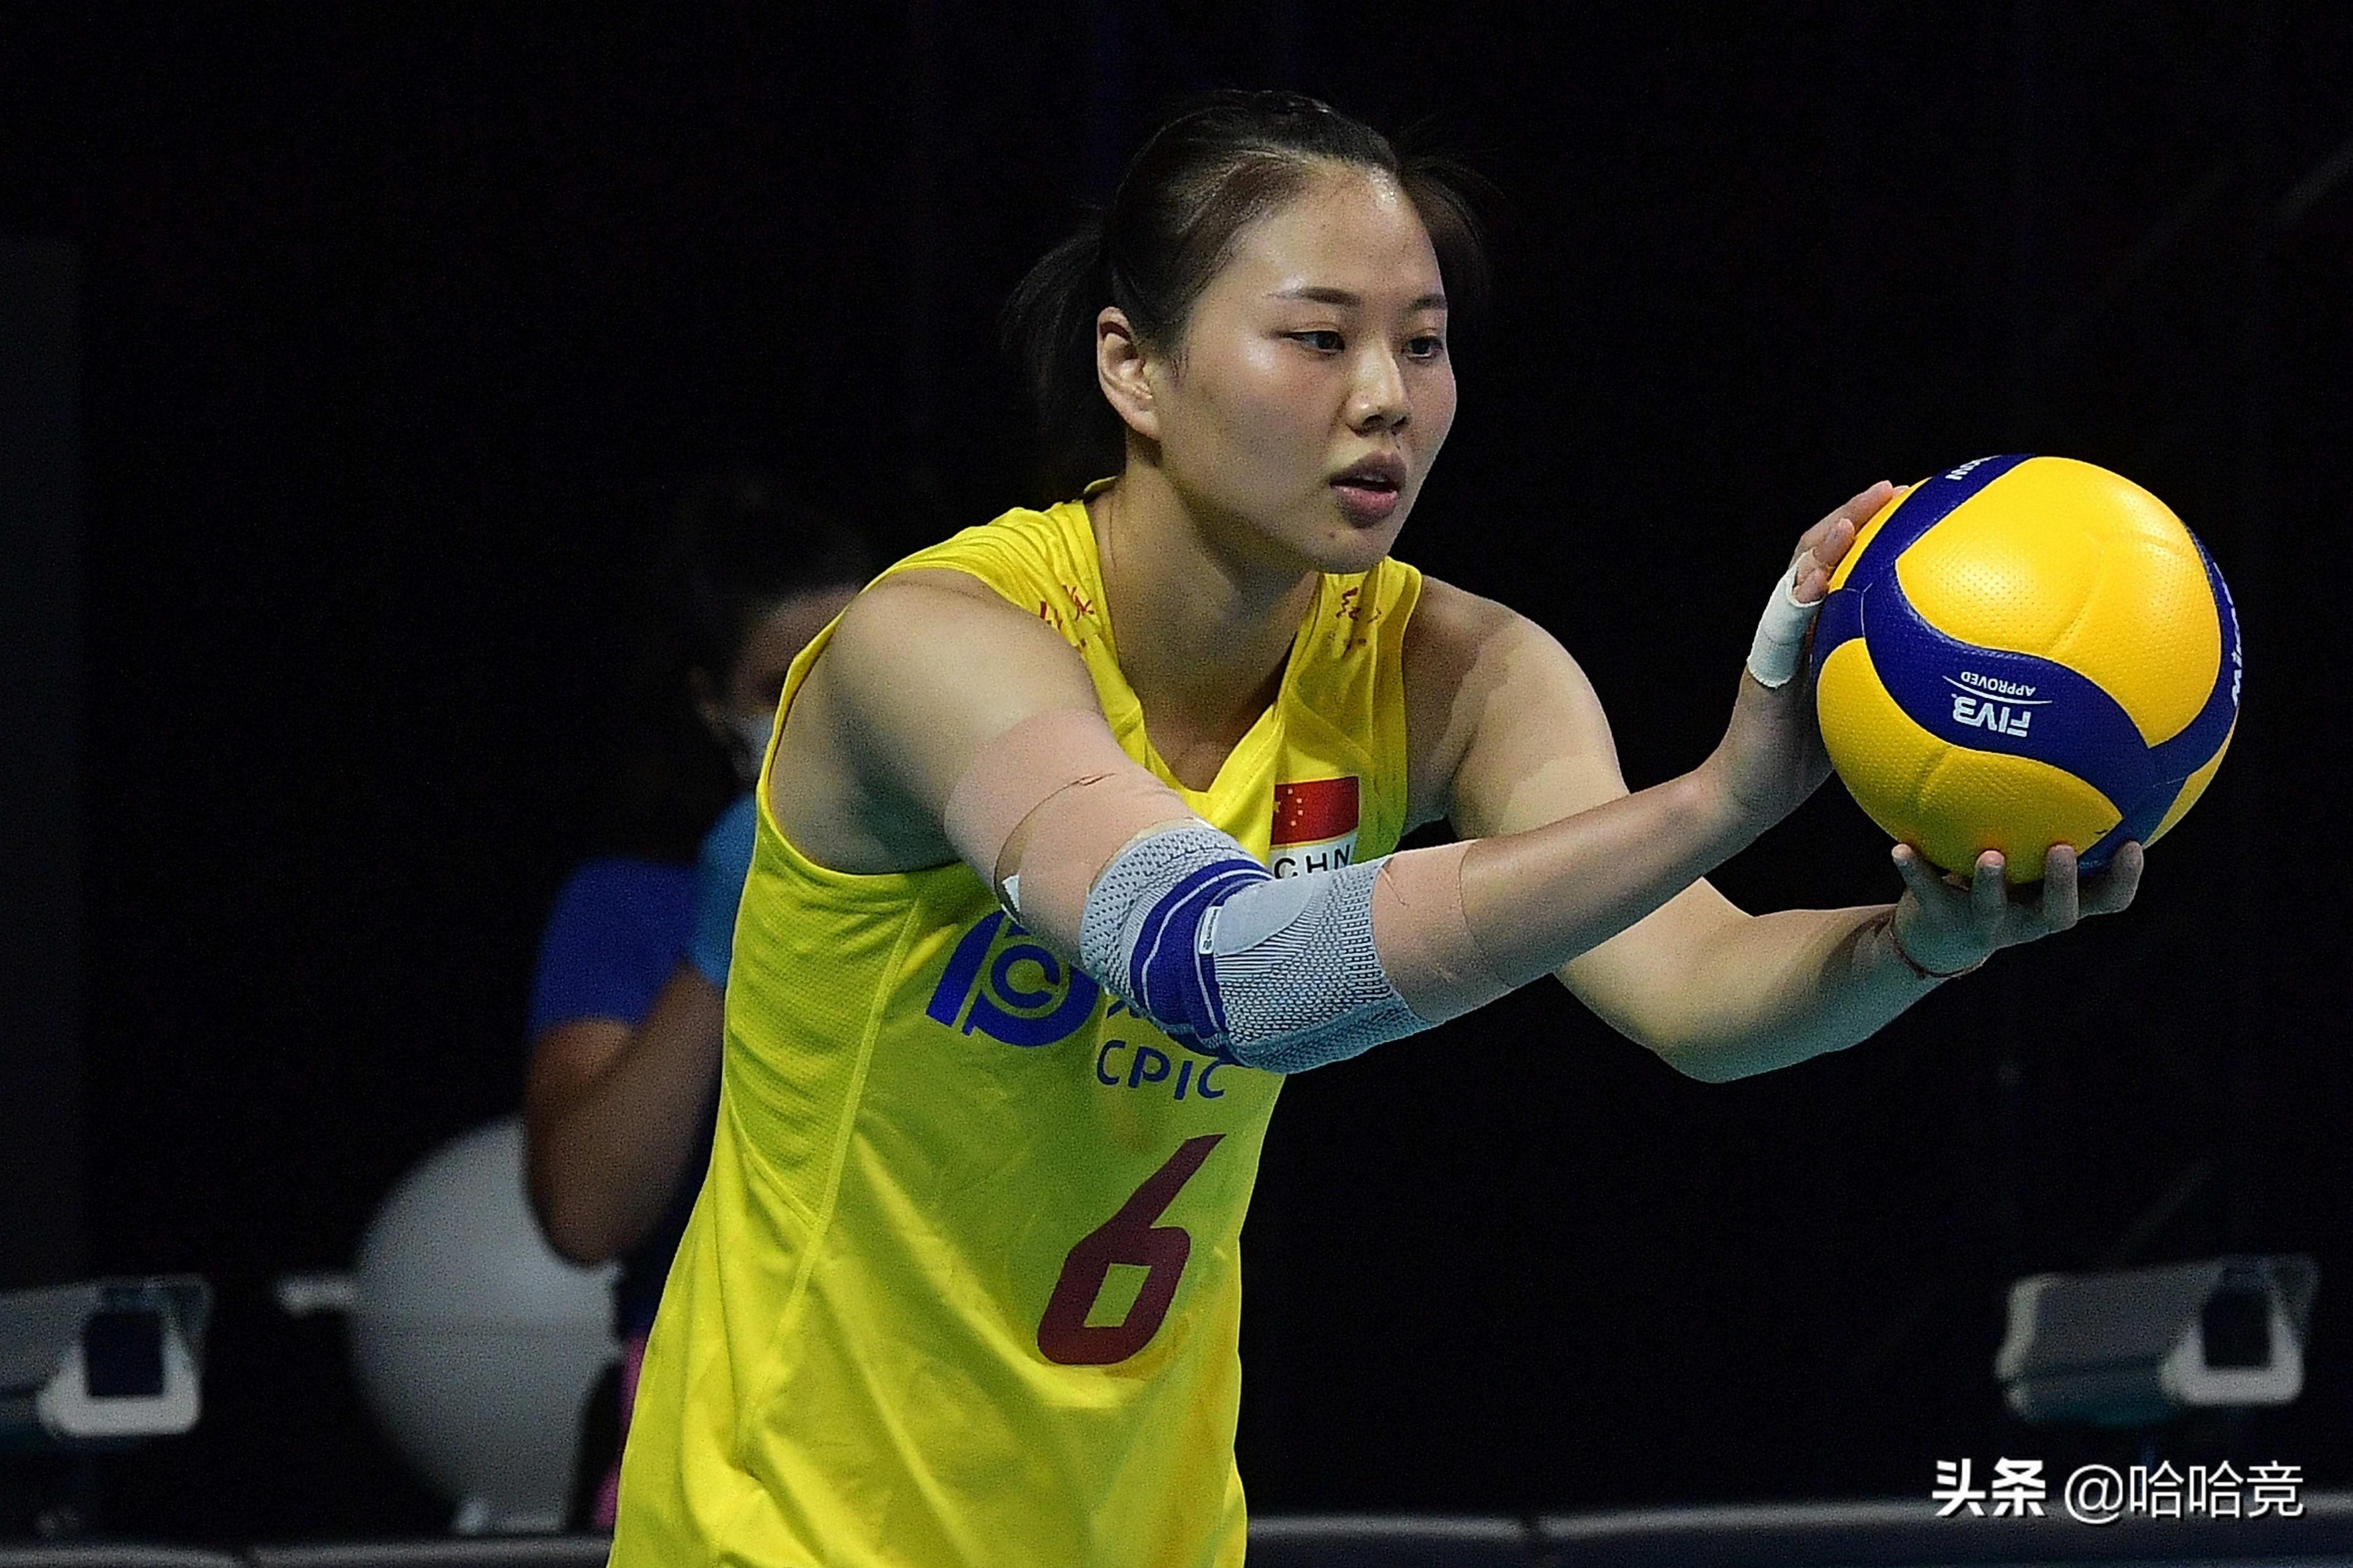 朱婷两局得到10分,全主力中国女排3比0横扫荷兰,夺世联赛第5胜